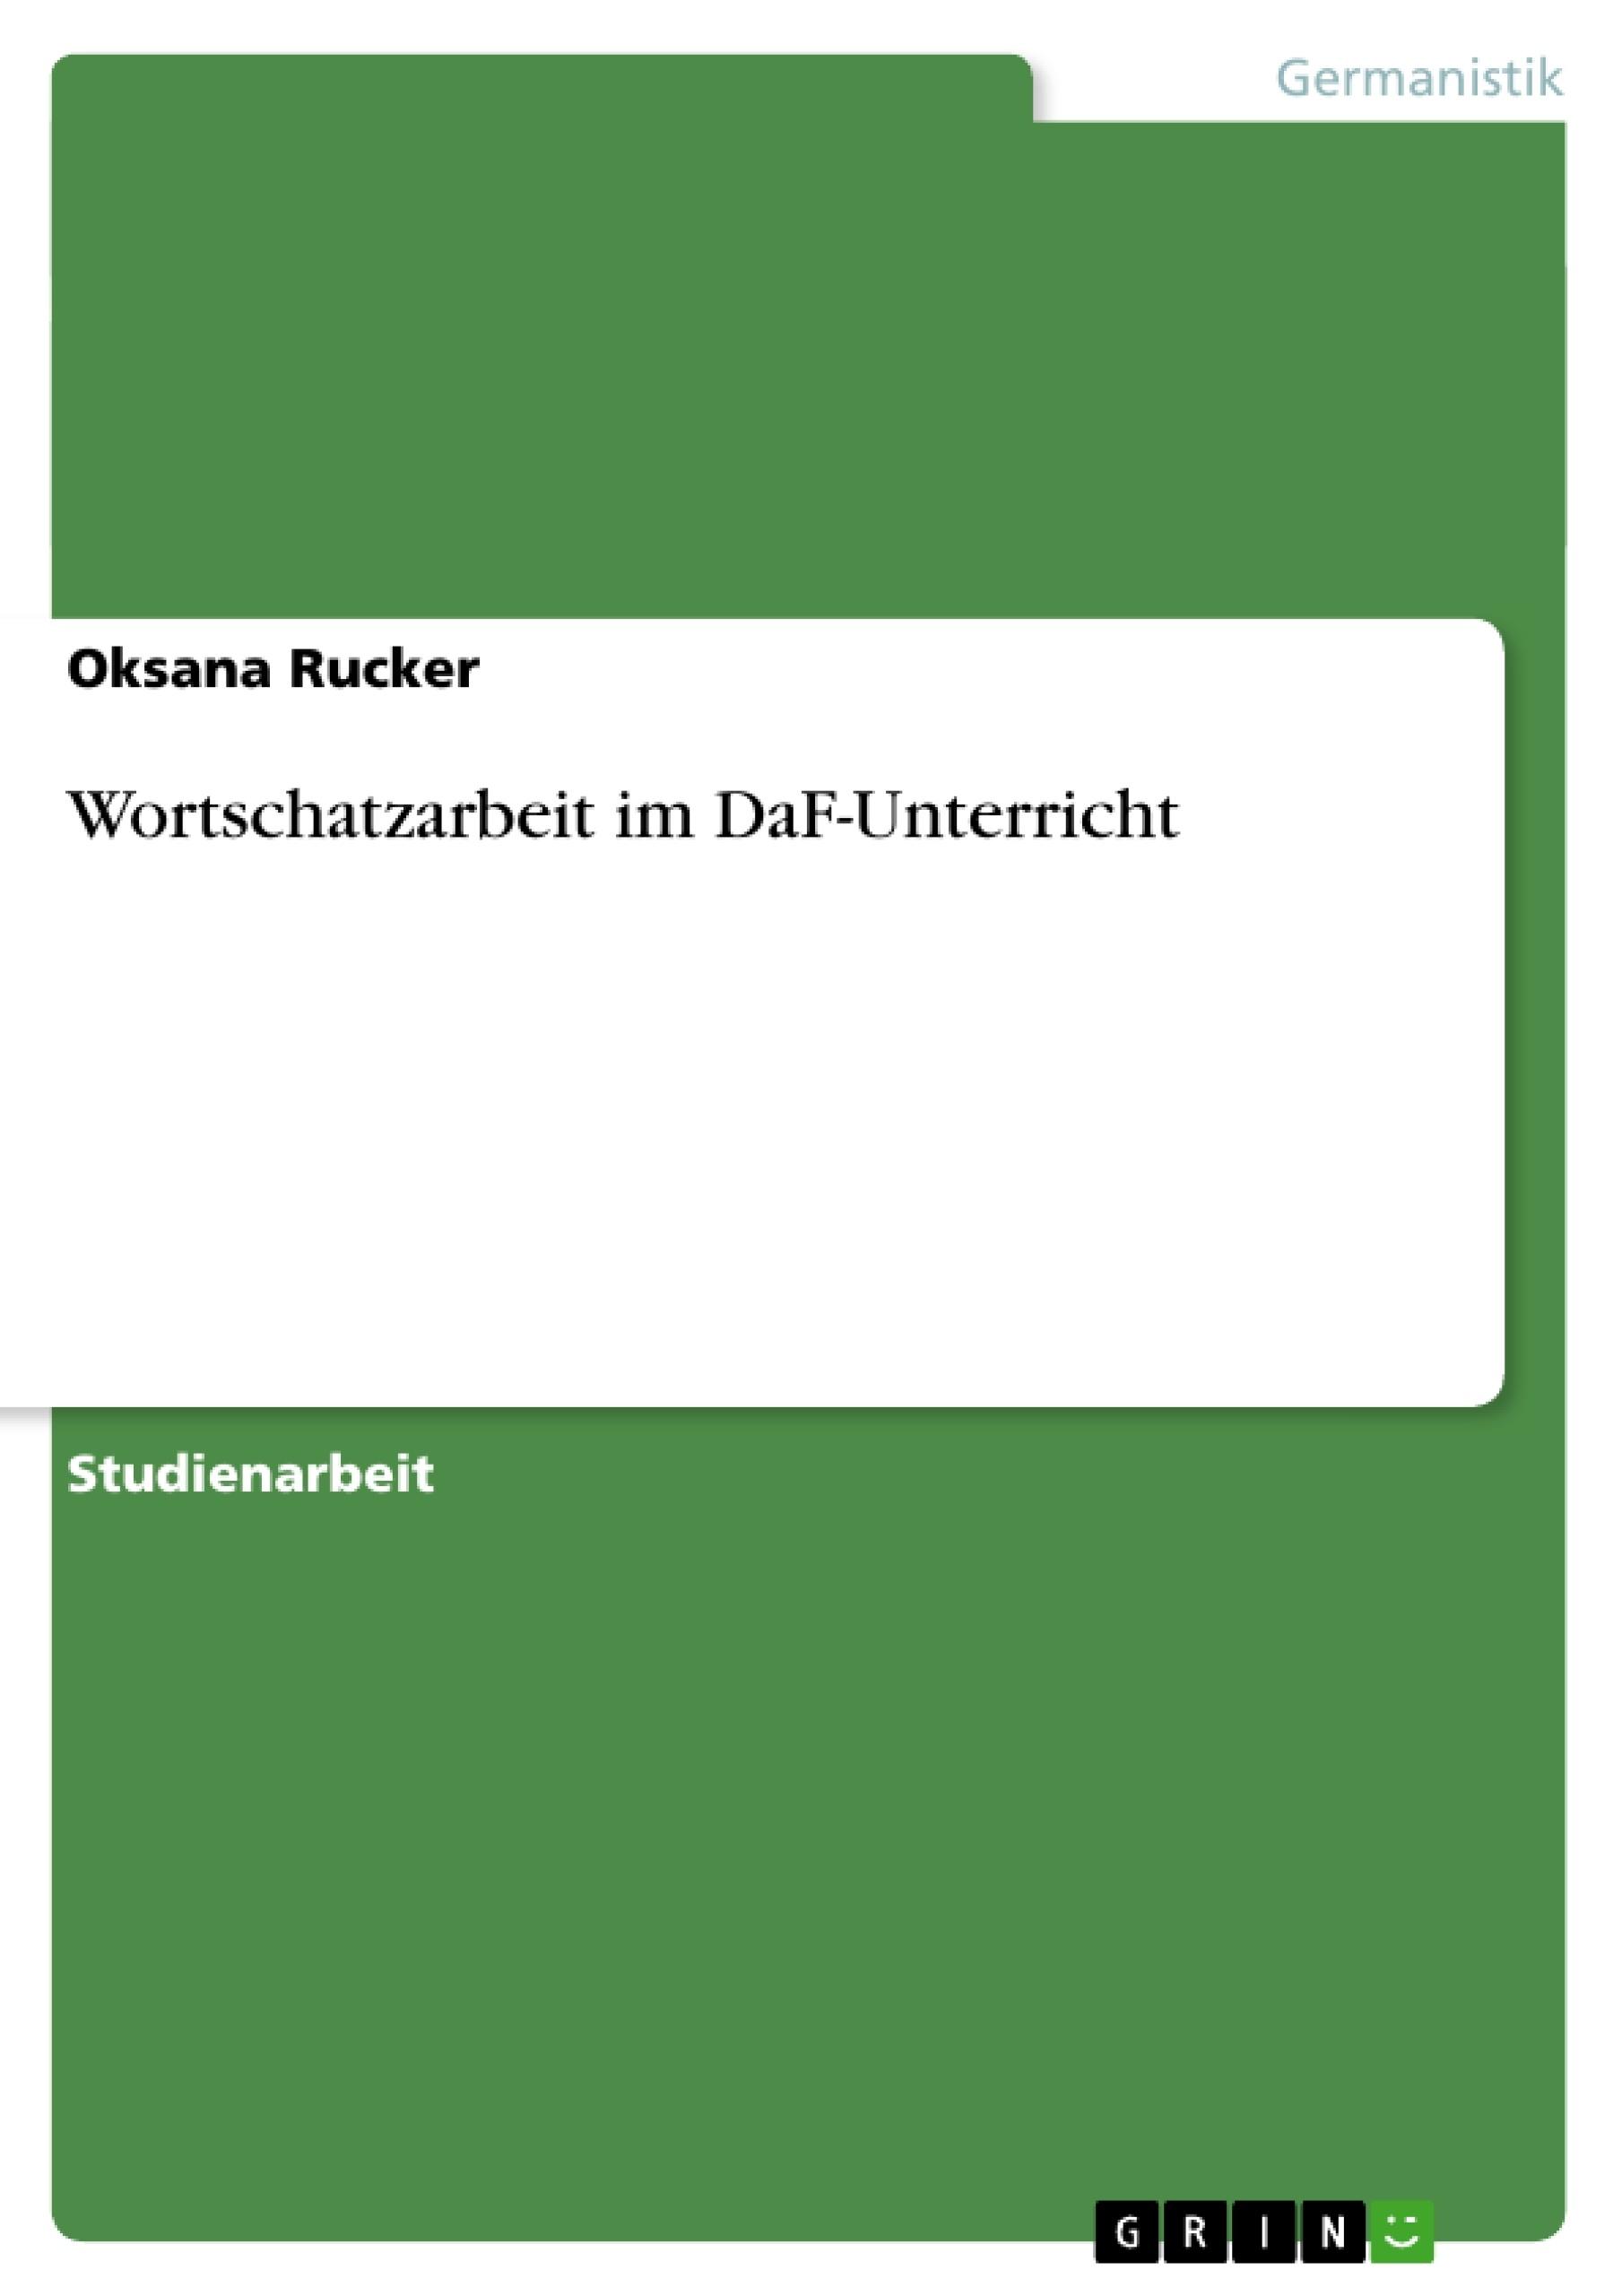 Titel: Wortschatzarbeit im DaF-Unterricht